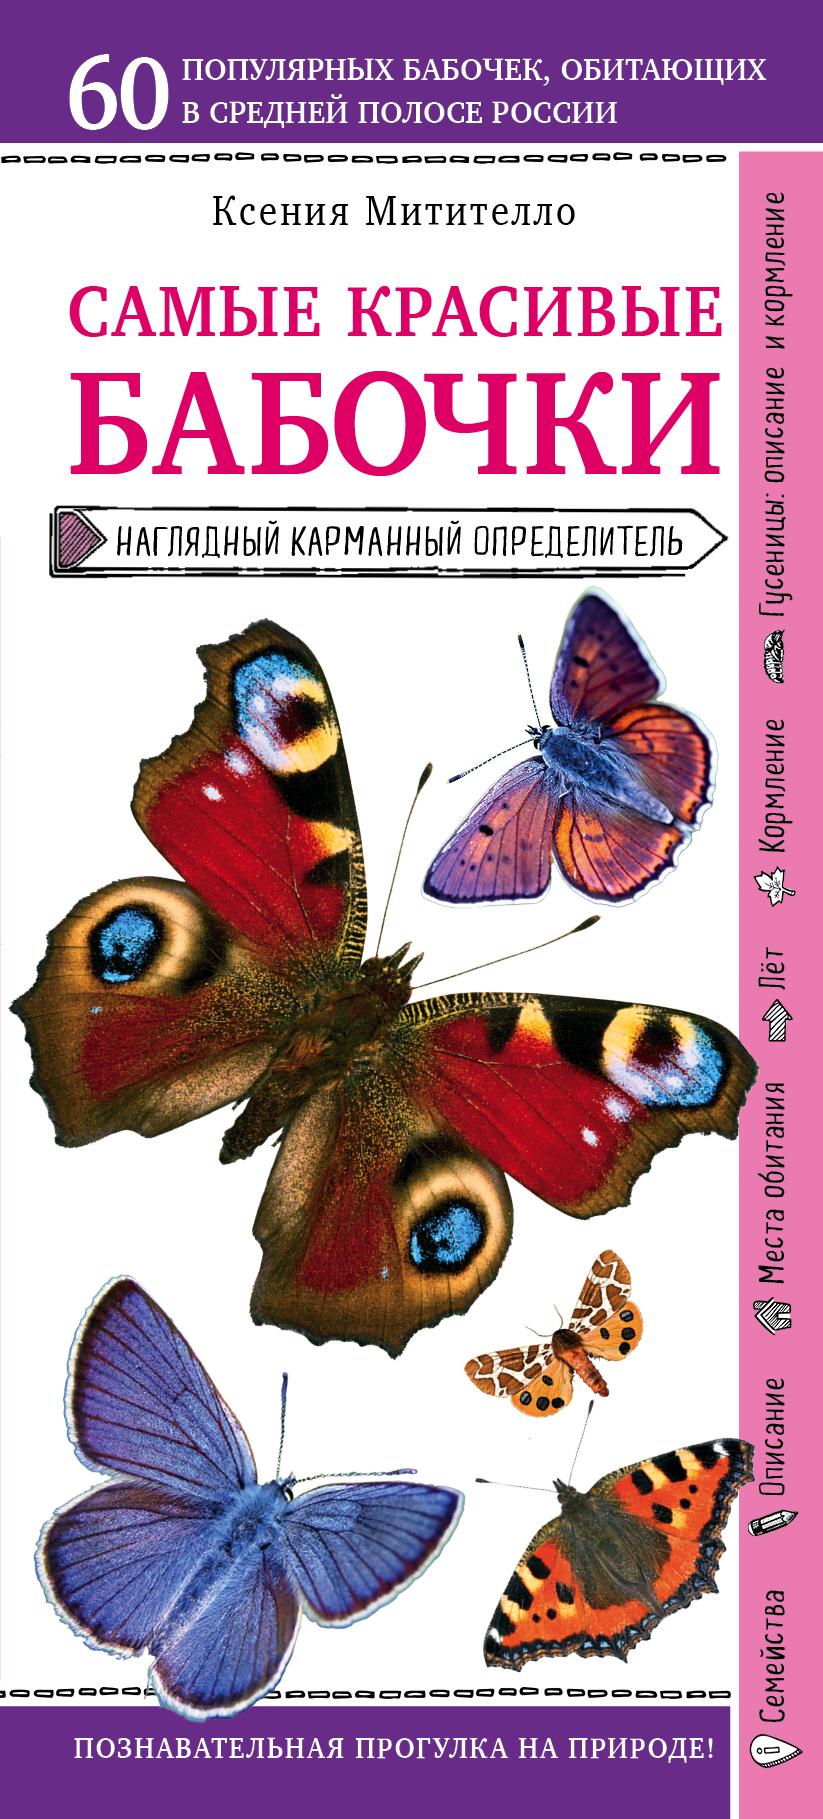 Ксения Митителло Бабочки. Наглядный карманный определитель митителло к б лекарственные цветы и травы наглядный карманный определитель